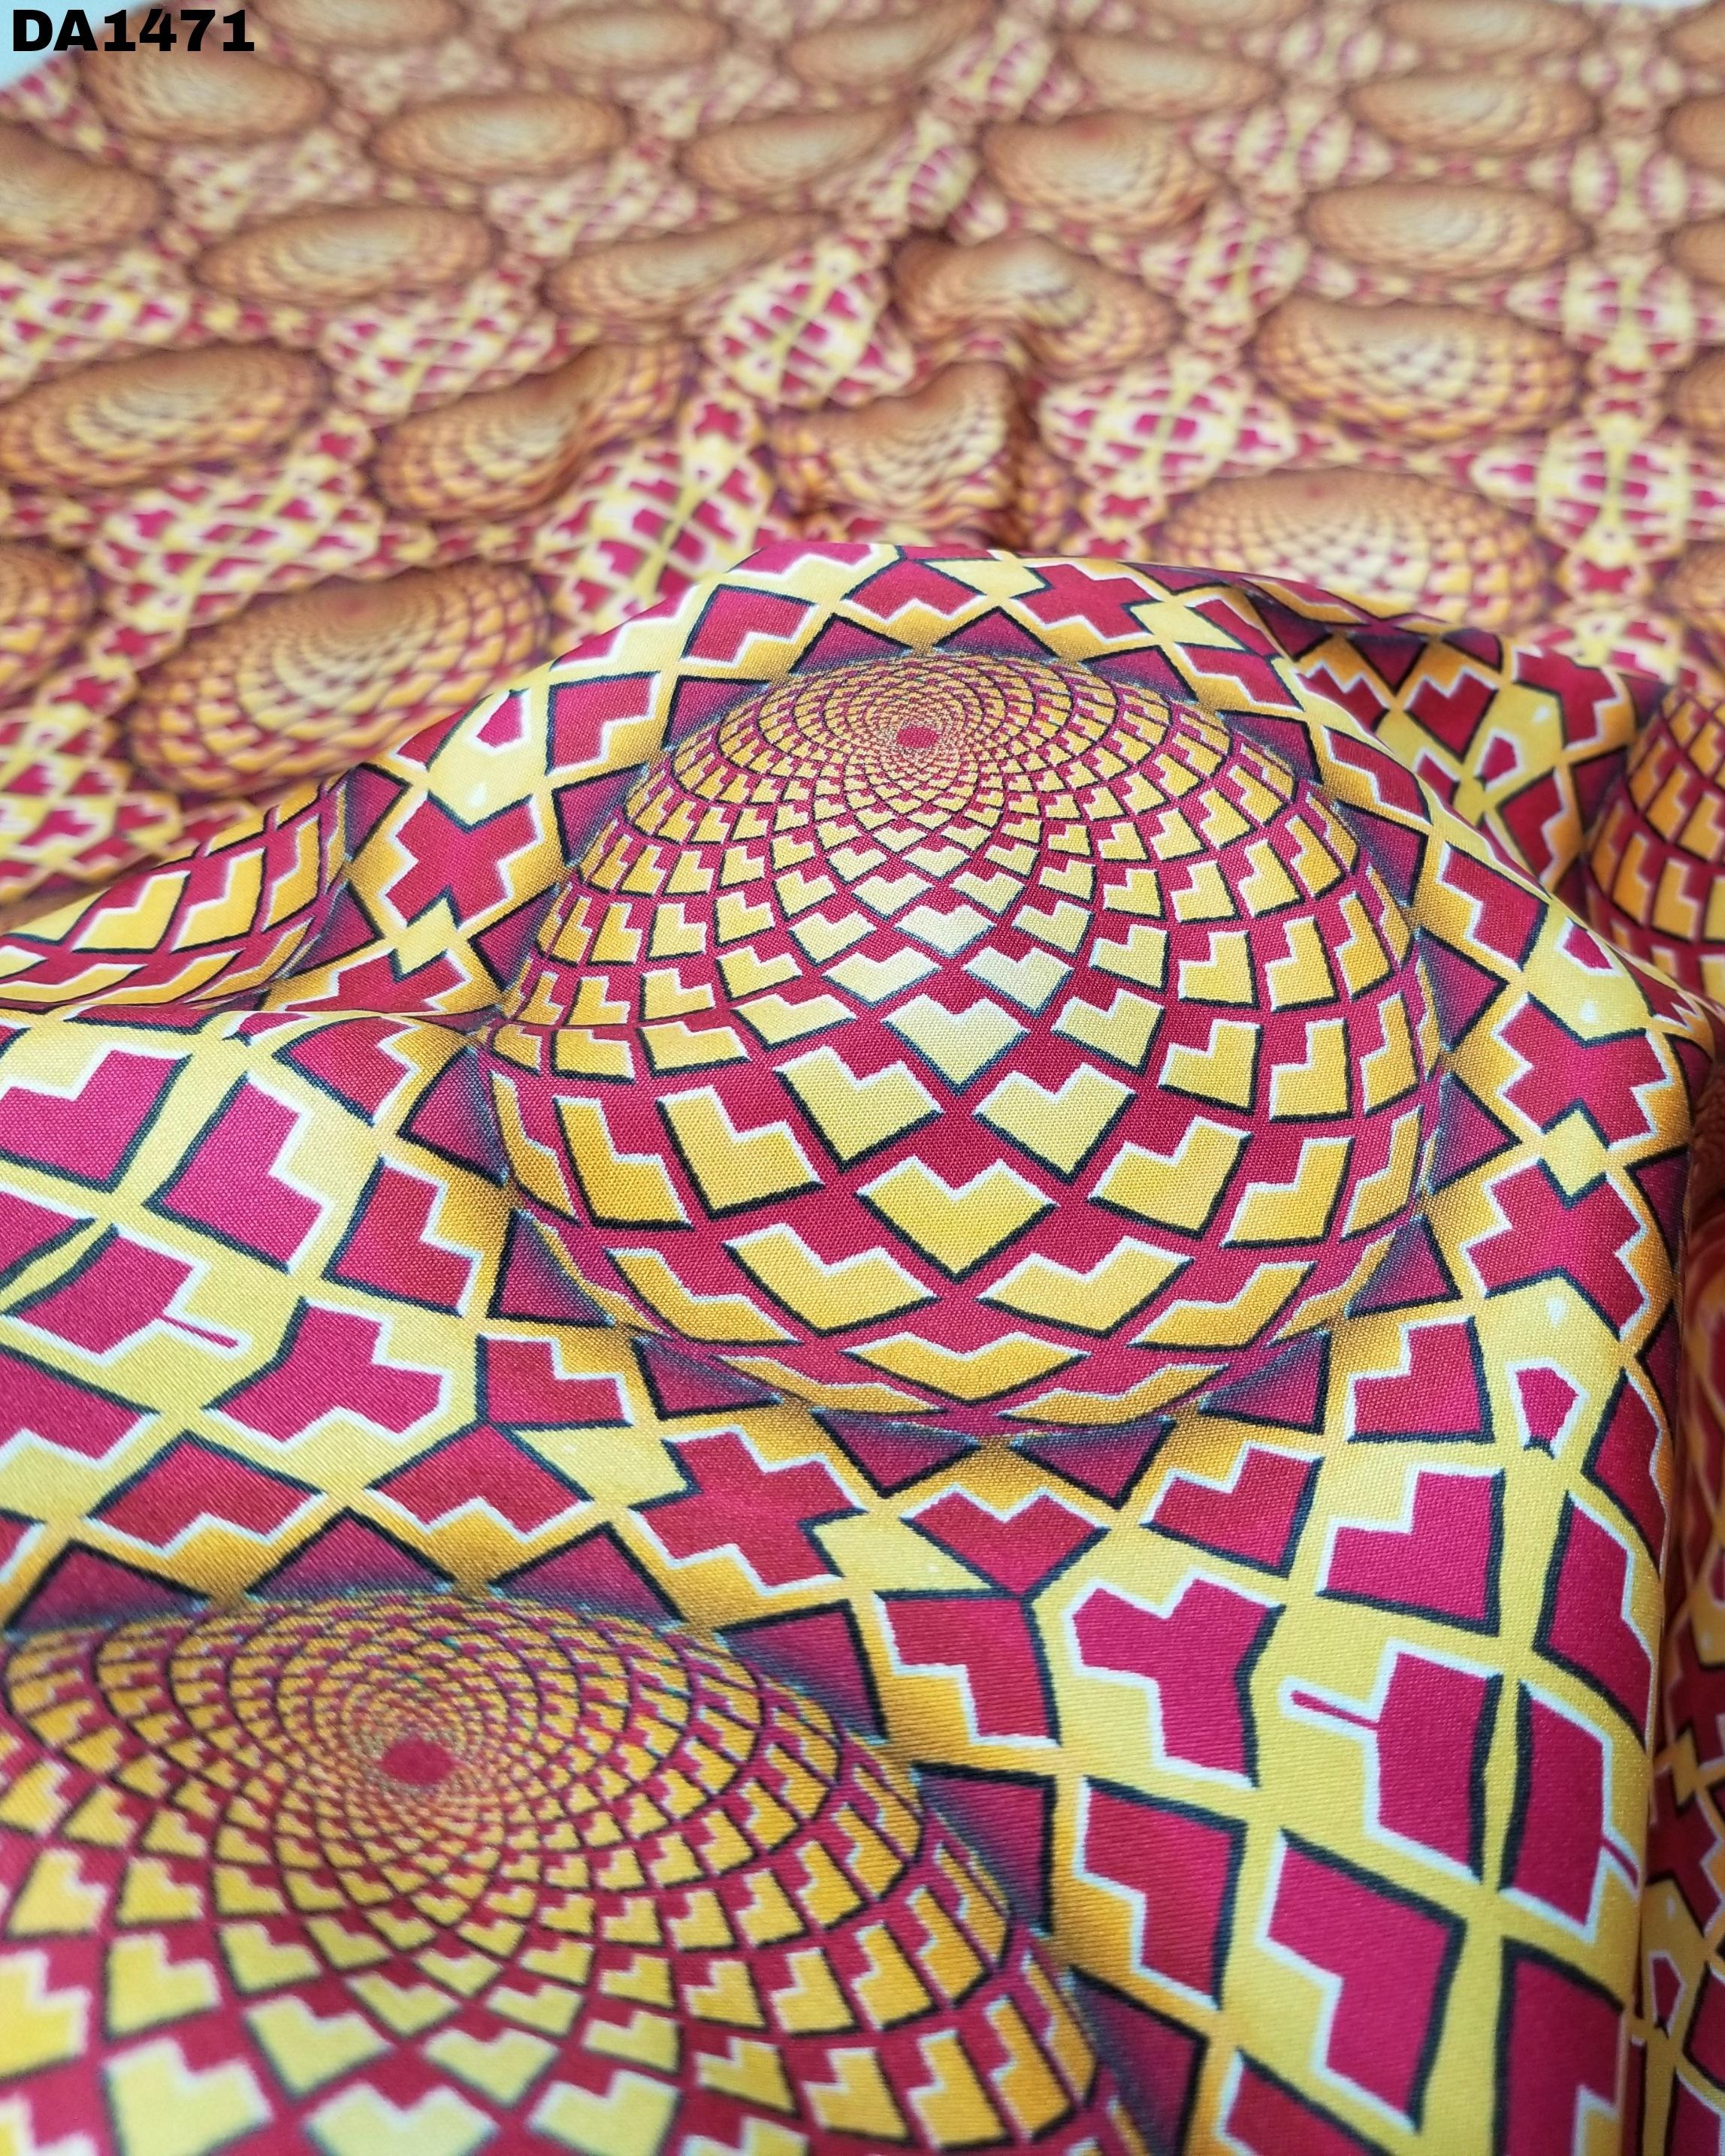 Wonderful 3D Digital Print on Micro Mini Sartin Fabric